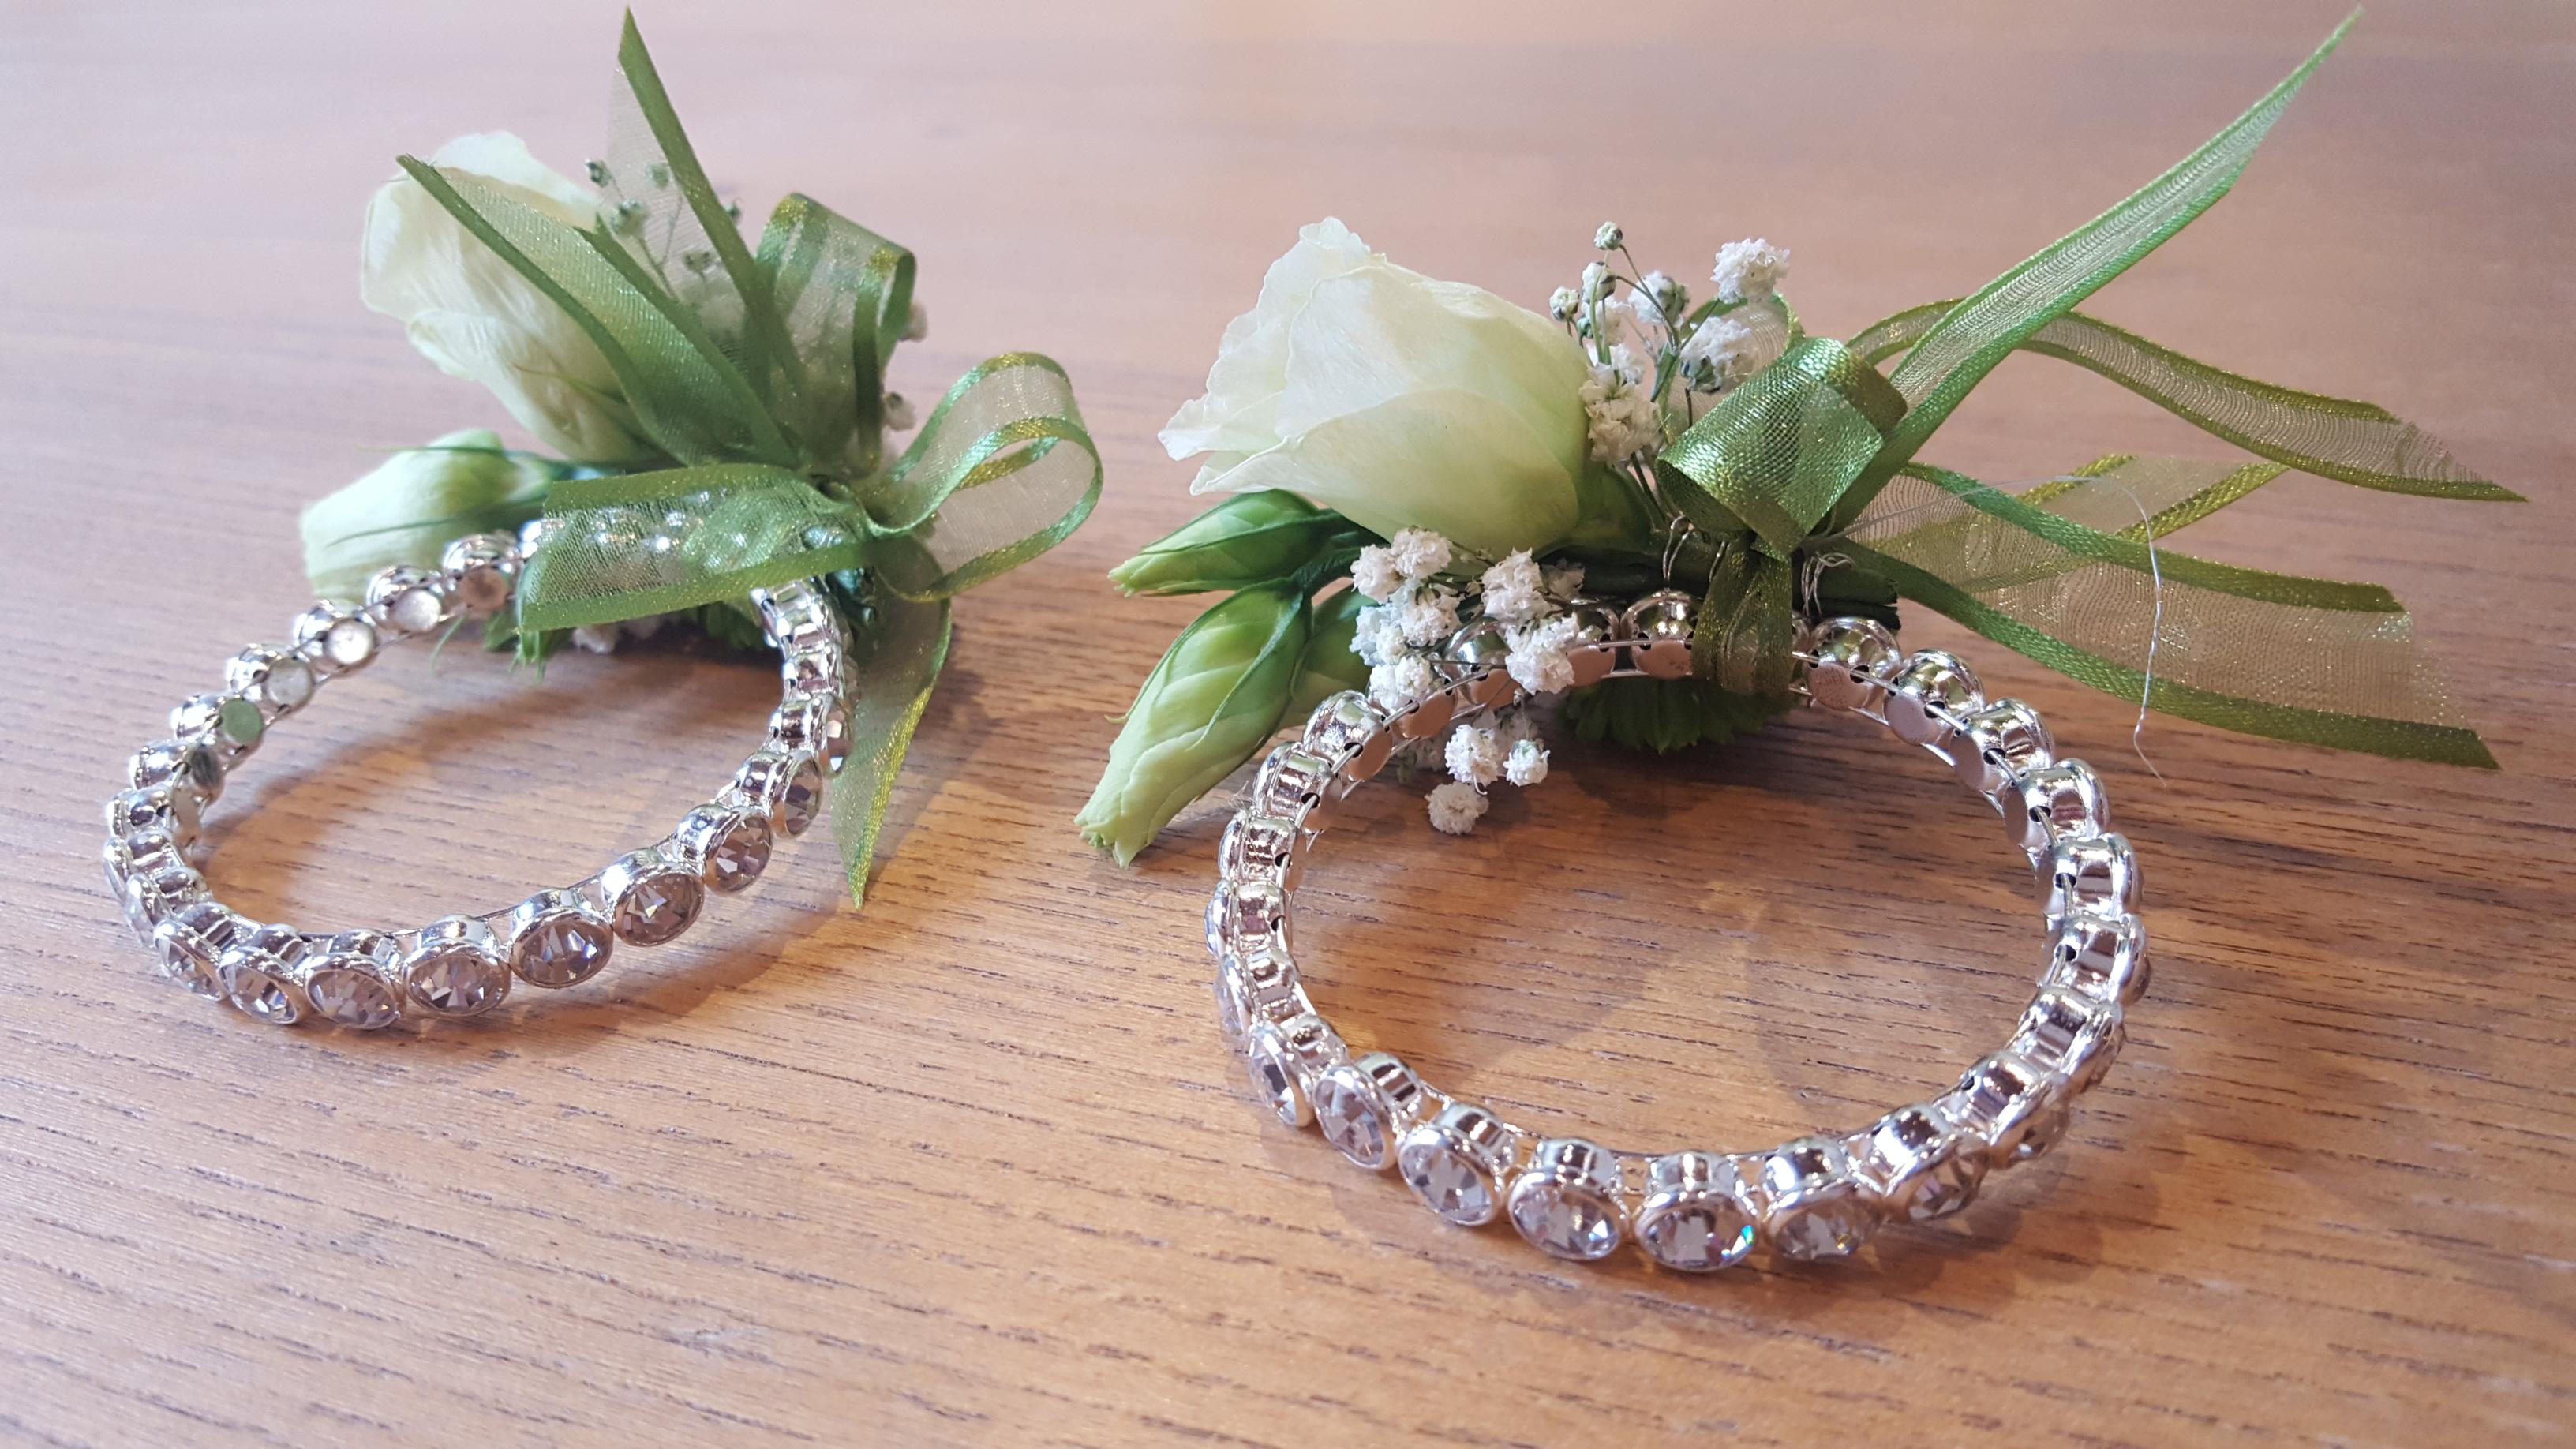 Matrimonio In Verde E Bianco : Bracciale fiori matrimonio uj regardsdefemmes